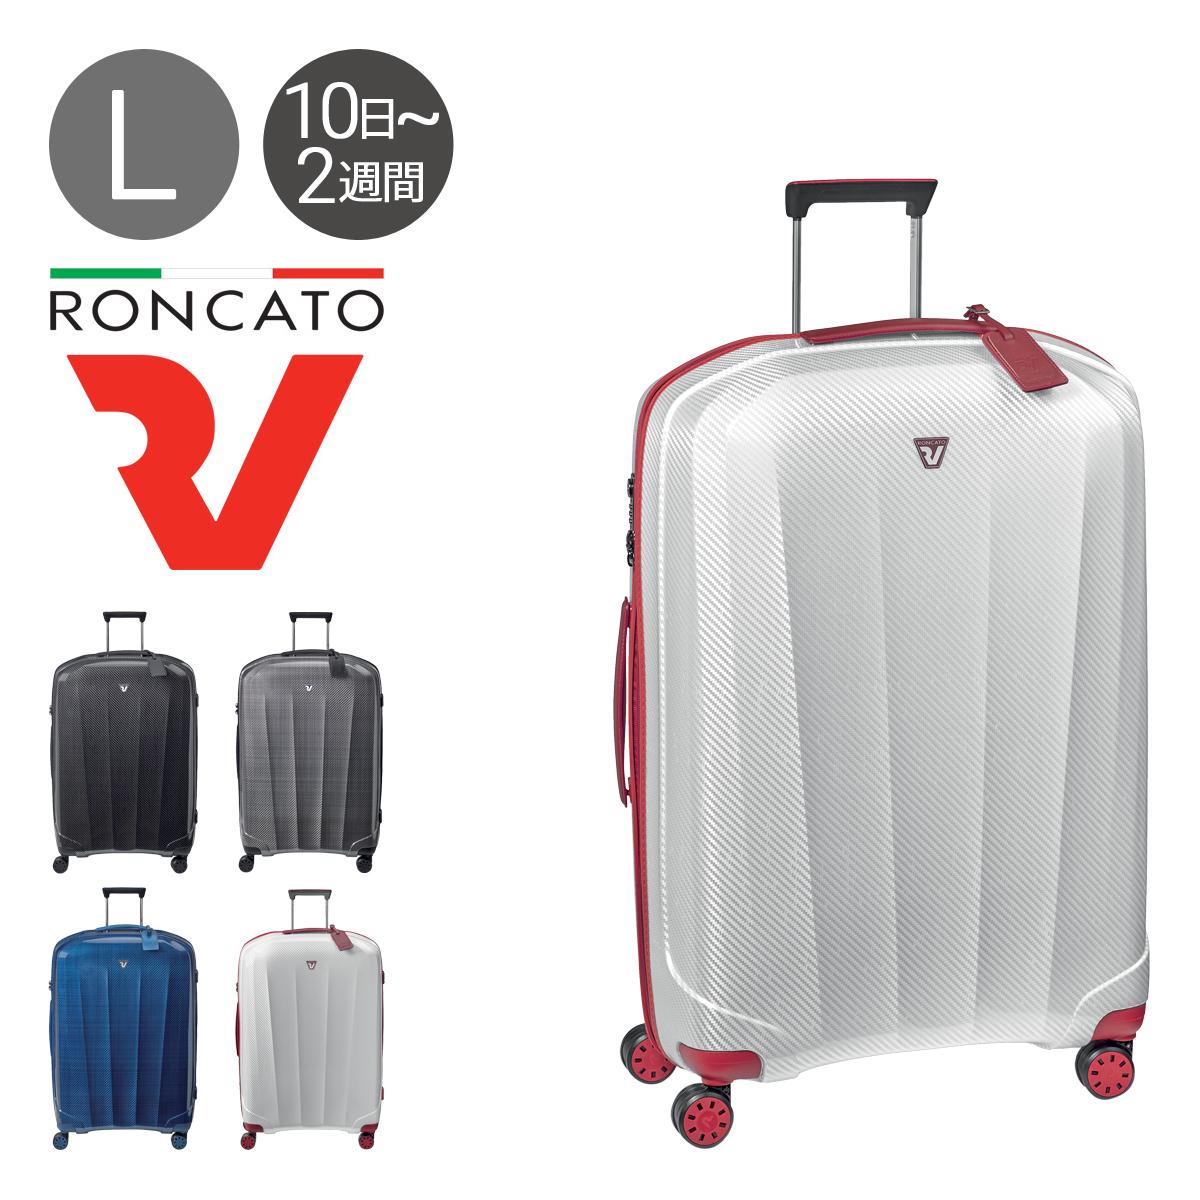 ロンカ-ト スーツケース 100L 74cm 3kg ウイアー 5951 イタリア製 RONCATO WE ARE ハード ファスナー キャリーバッグ キャリーケース 軽量 TSAロック搭載[PO10]